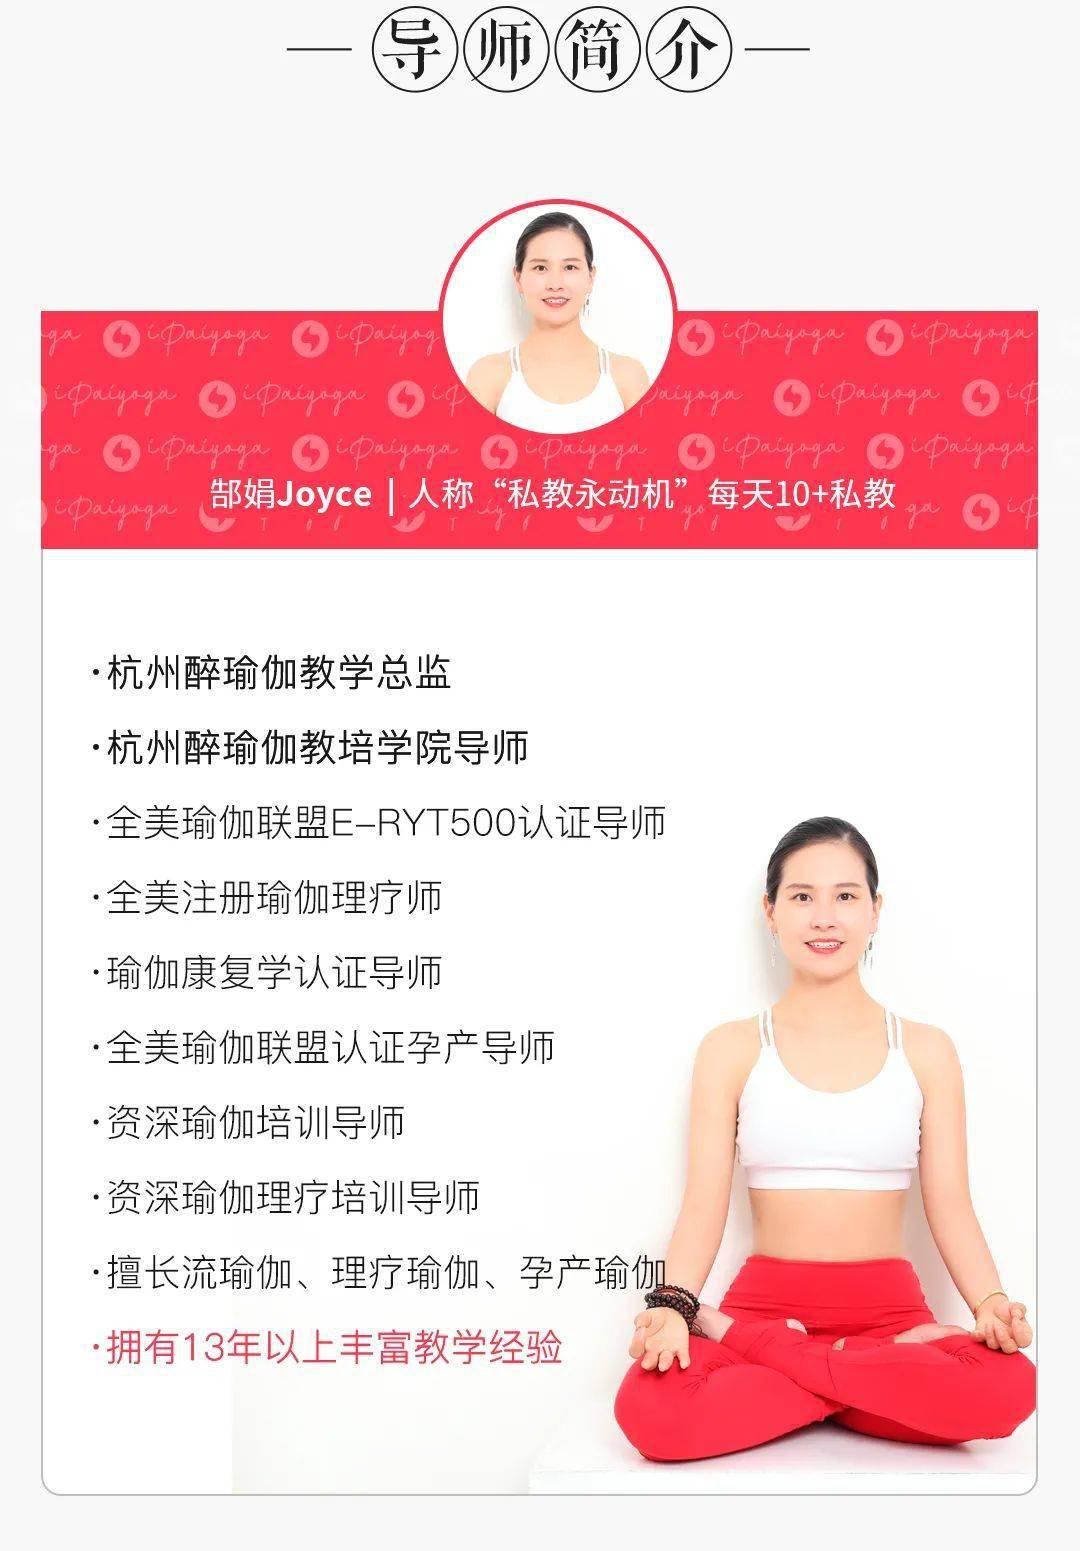 足、膝、骨盆、脊柱、肩颈——9节成品模版课,必学!